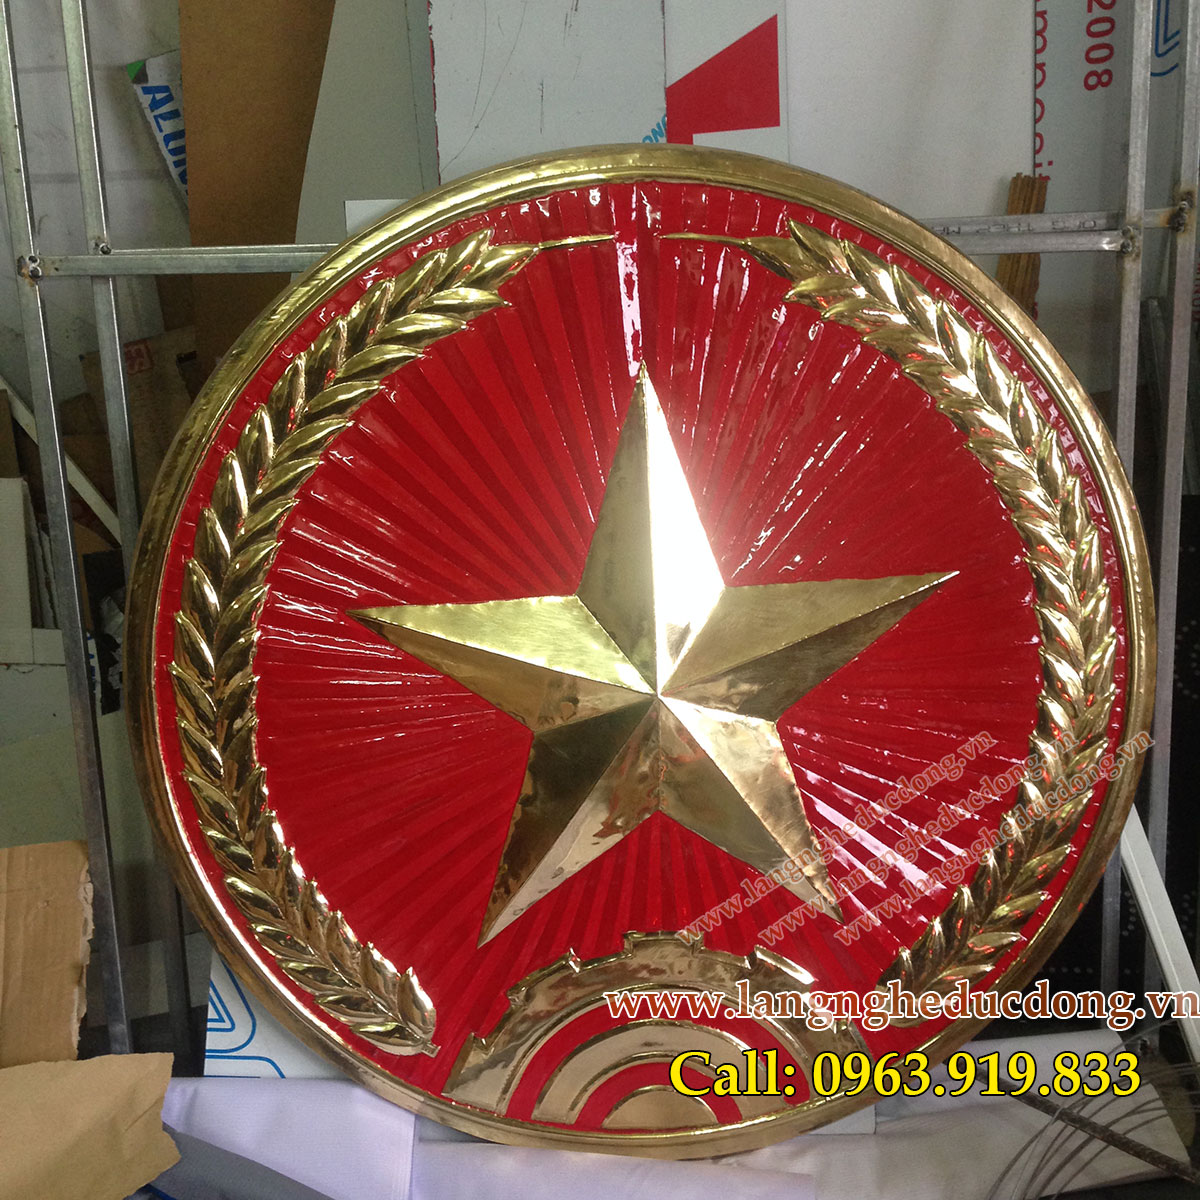 langngheducdong.vn - huy hiệu quân đội, huy hiệu D=85cm